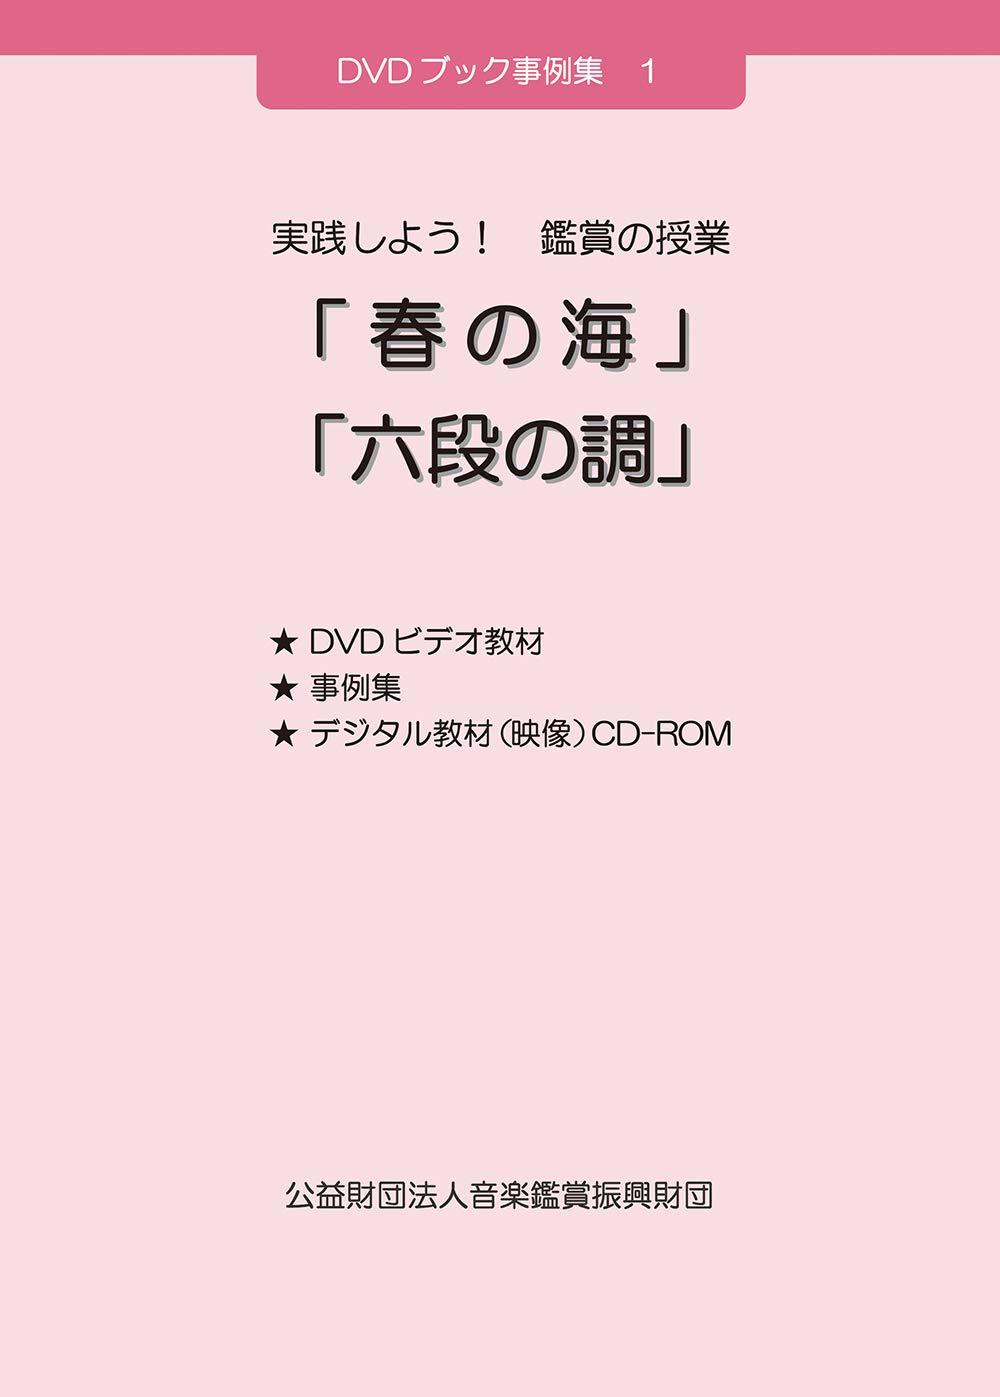 DVD 実践しよう!鑑賞の授業「春の海」「六段の調」[4185]